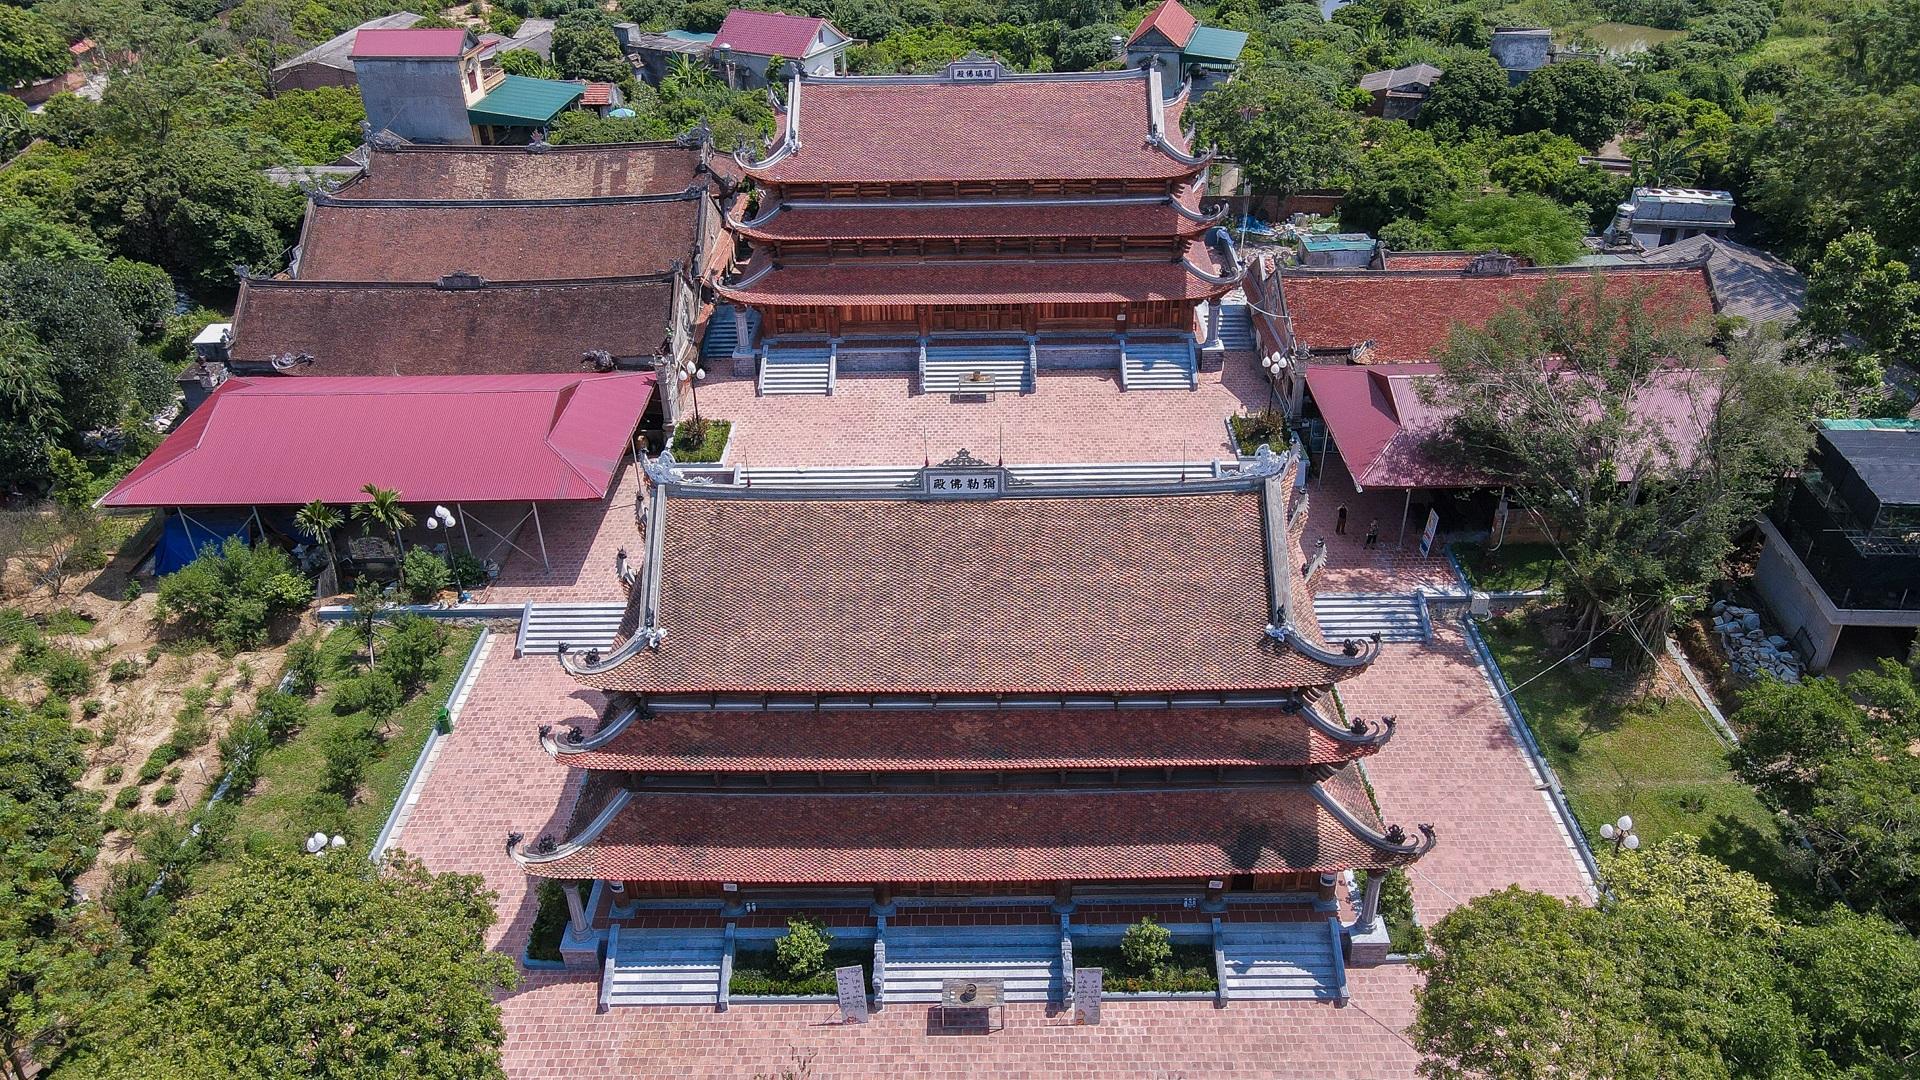 Ngôi chùa nghìn năm tuổi  - Trường Đại học phật giáo đầu tiên ở Việt Nam - 6